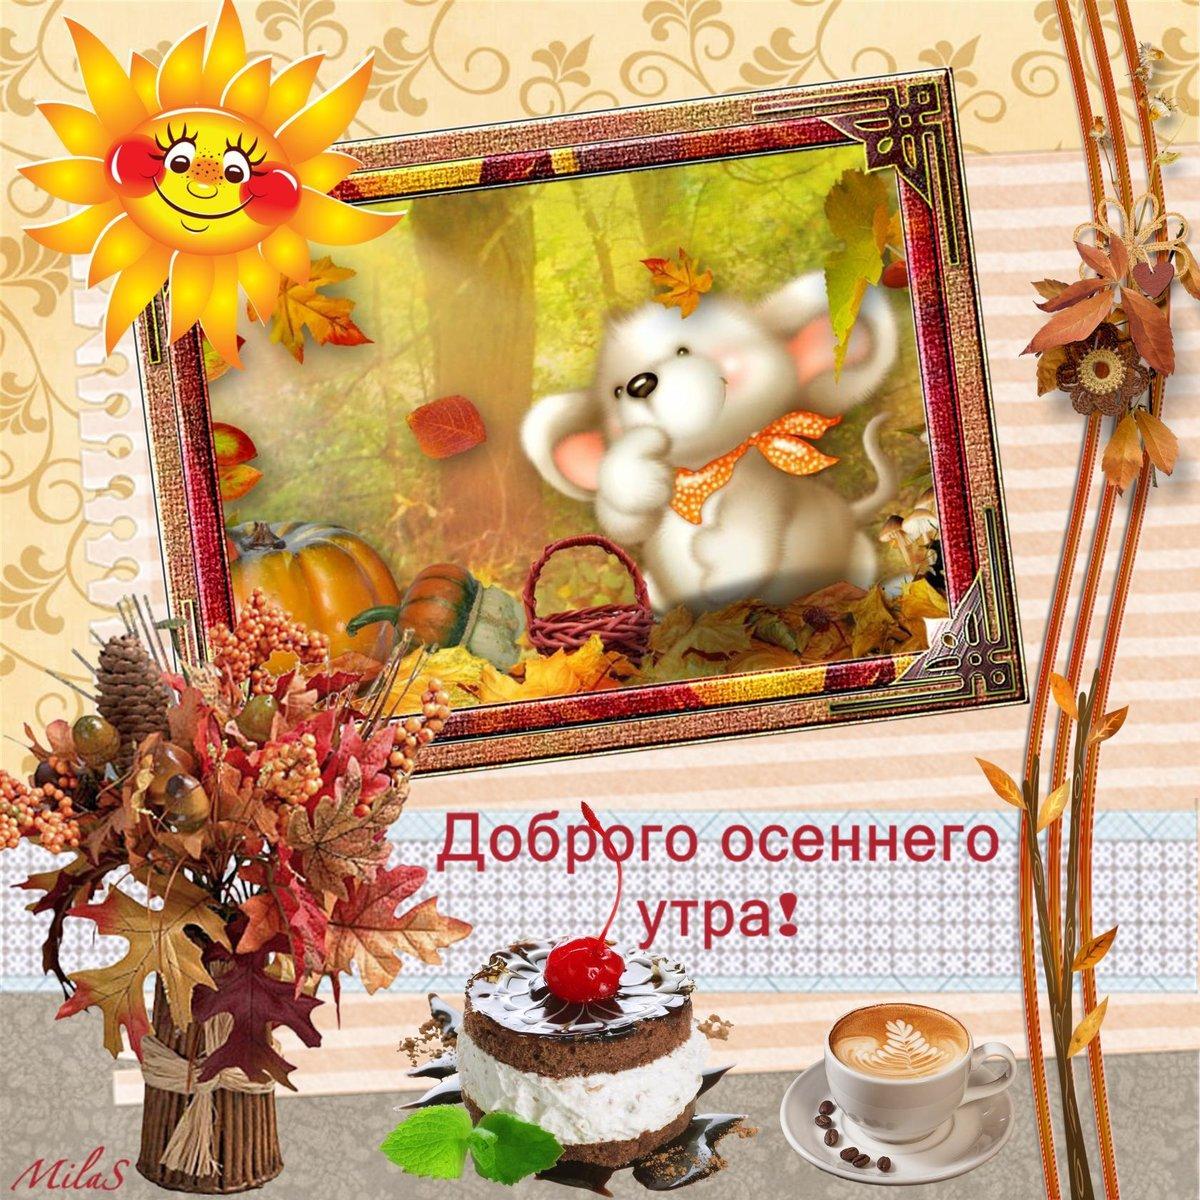 Доброе осеннее утро картинки с надписями прикольные хорошее настроение